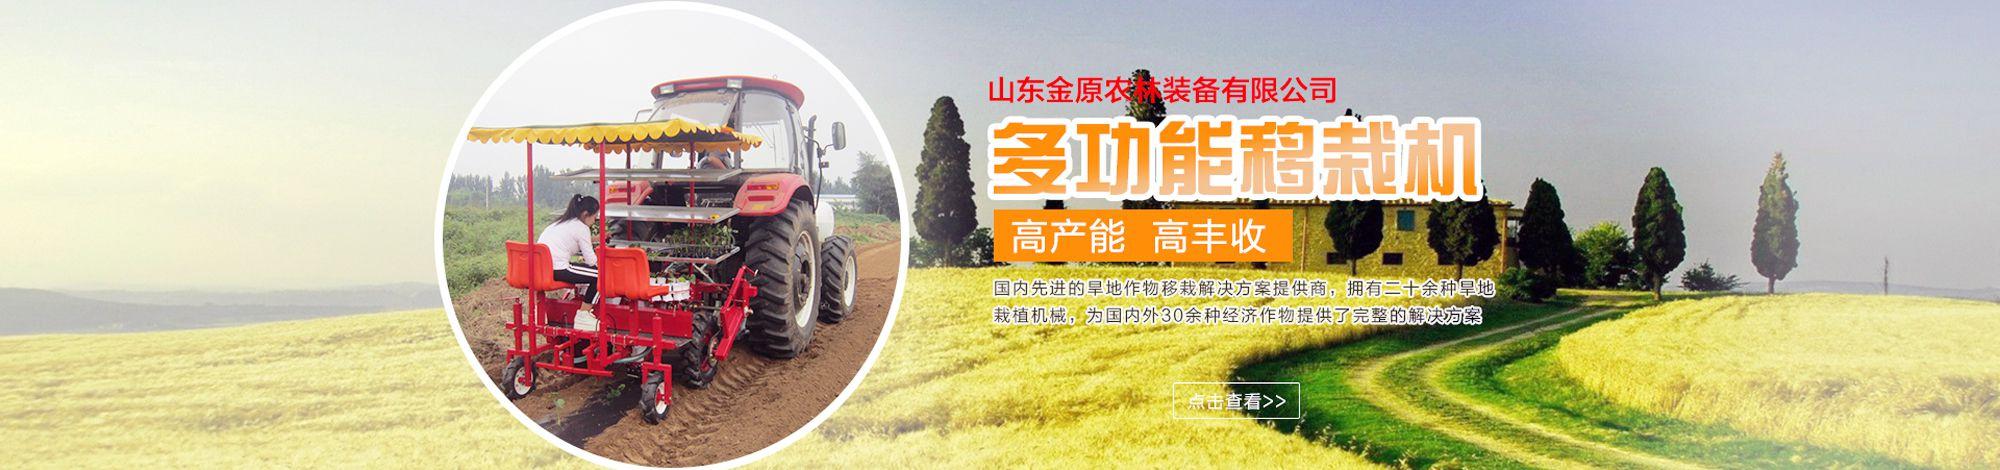 山东金原农林装备有限公司